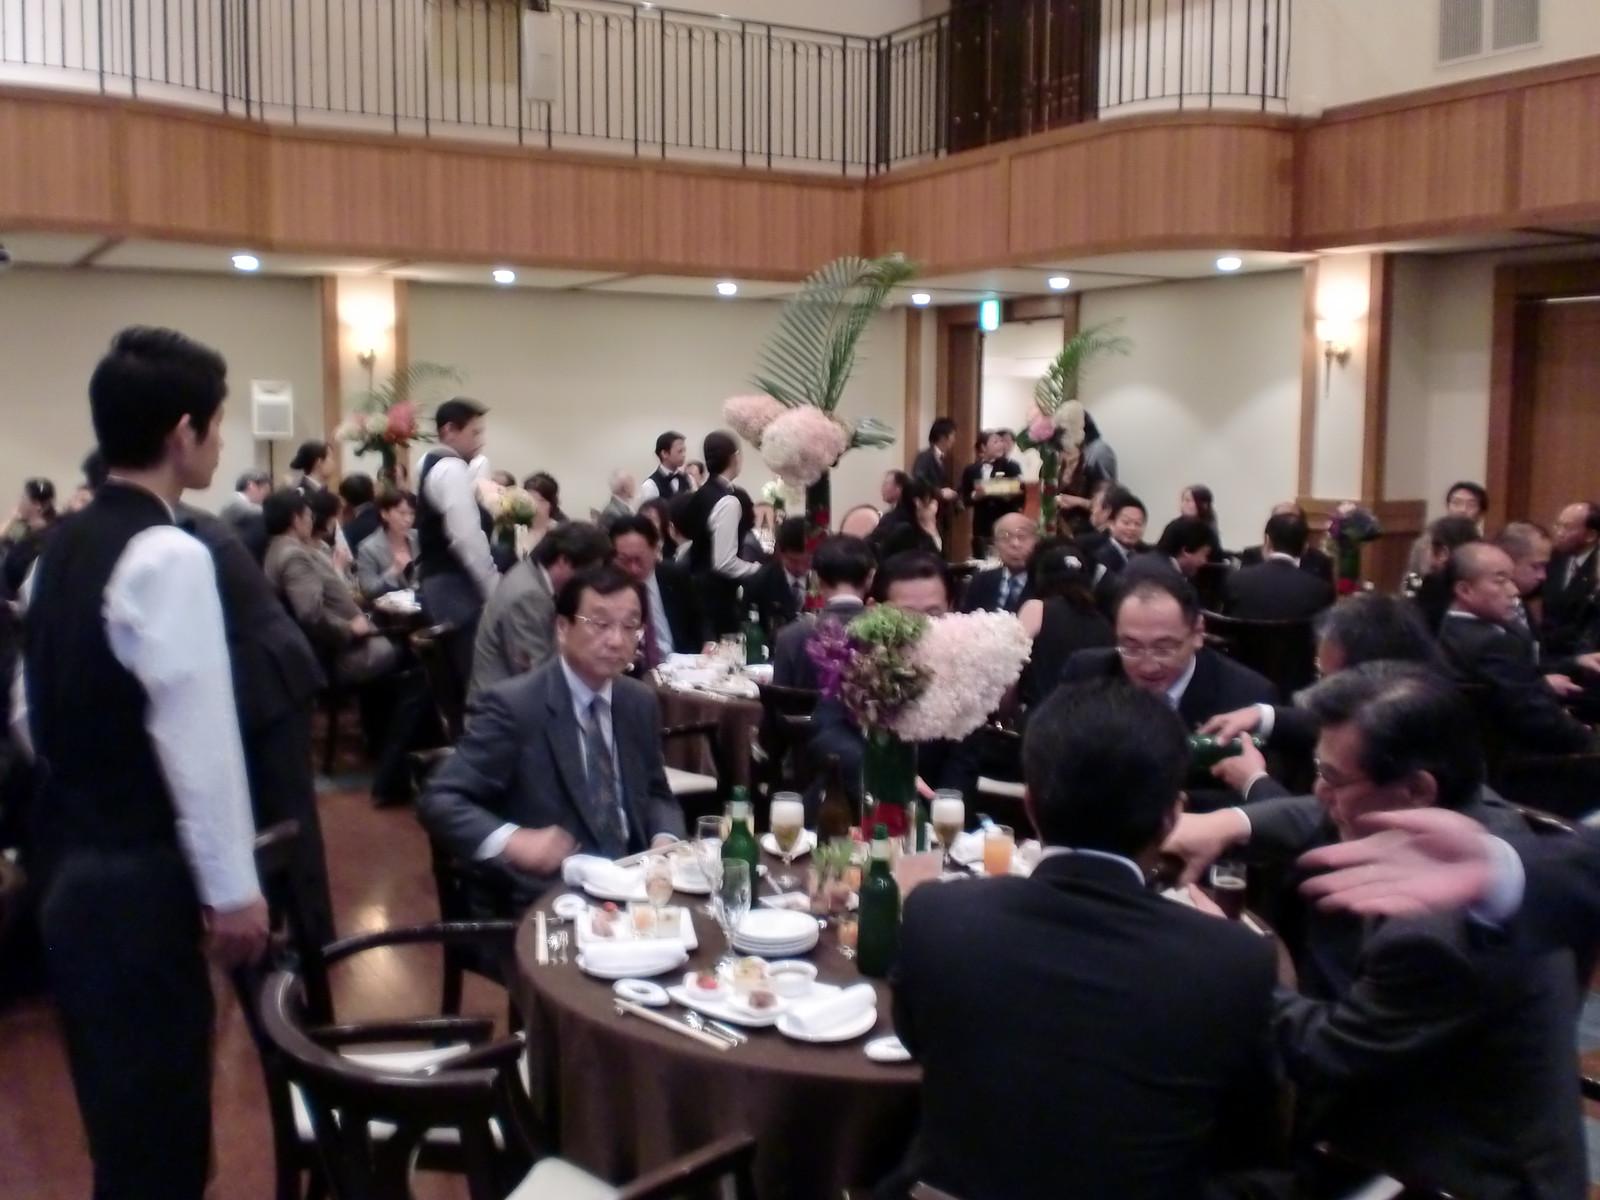 アイ・ケイ・ケイ㈱様の上場記念パーティーに参加しました。